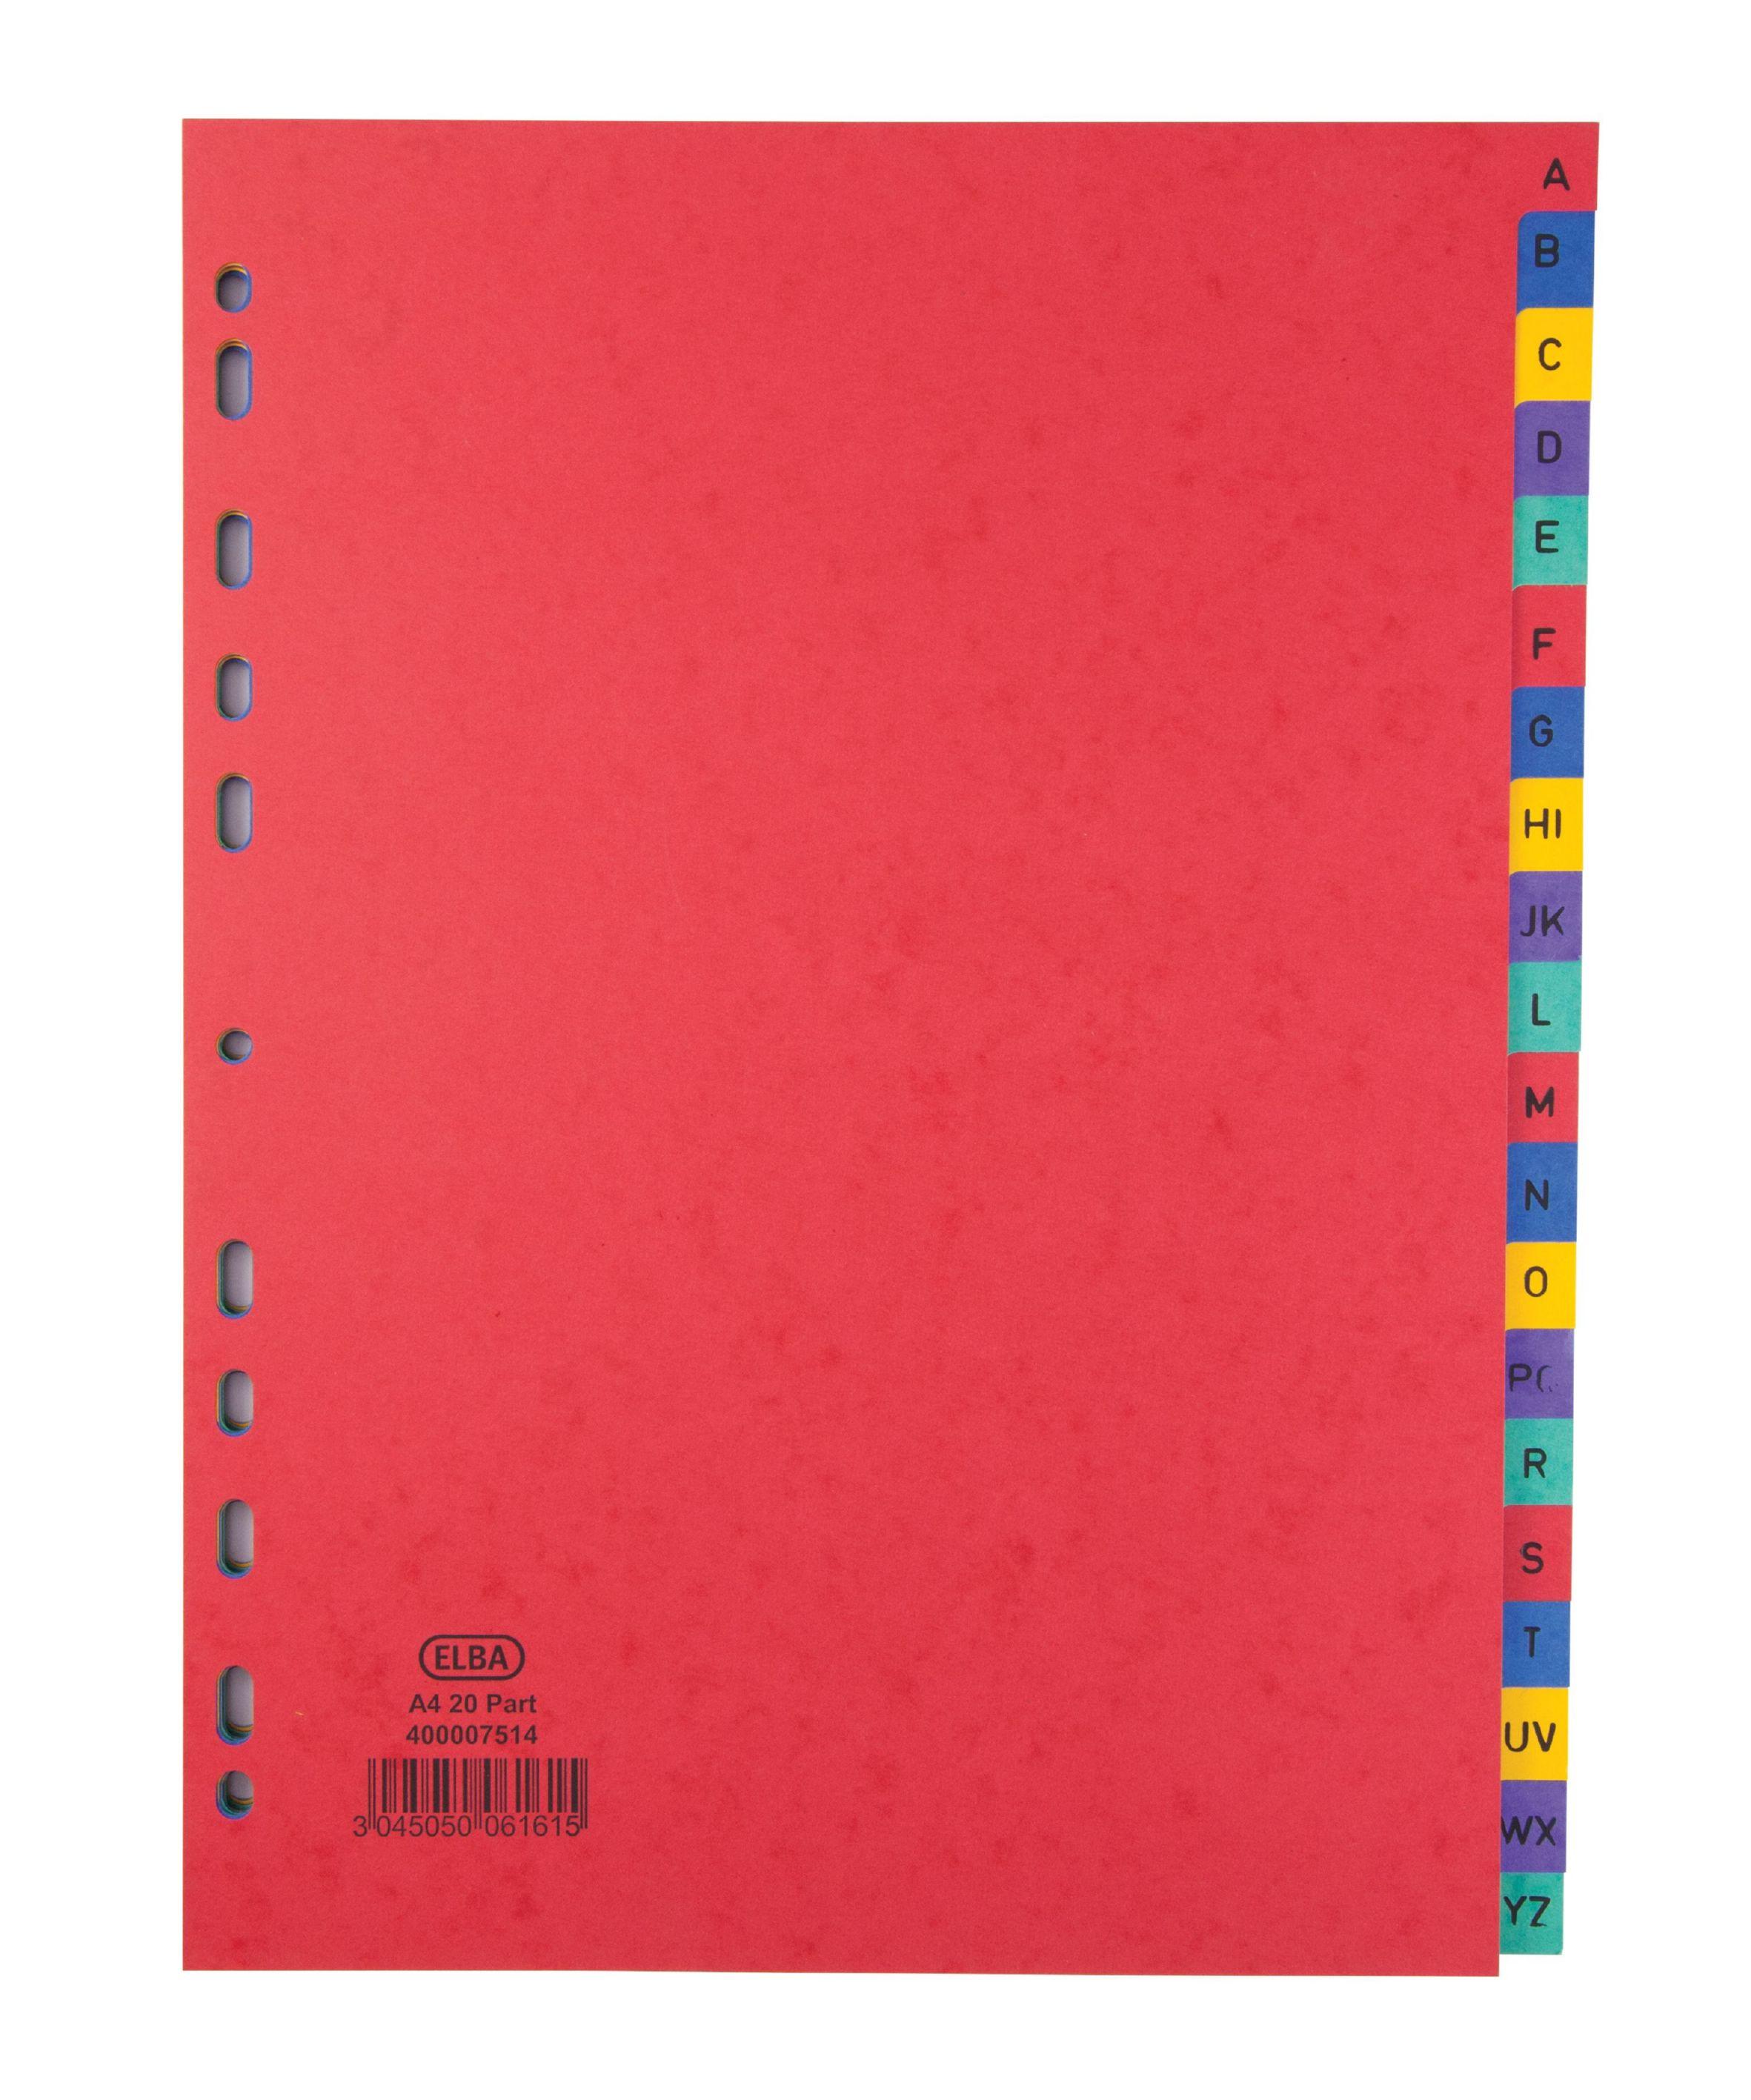 Elba Divider A4 A-Z Pressboard 400007514